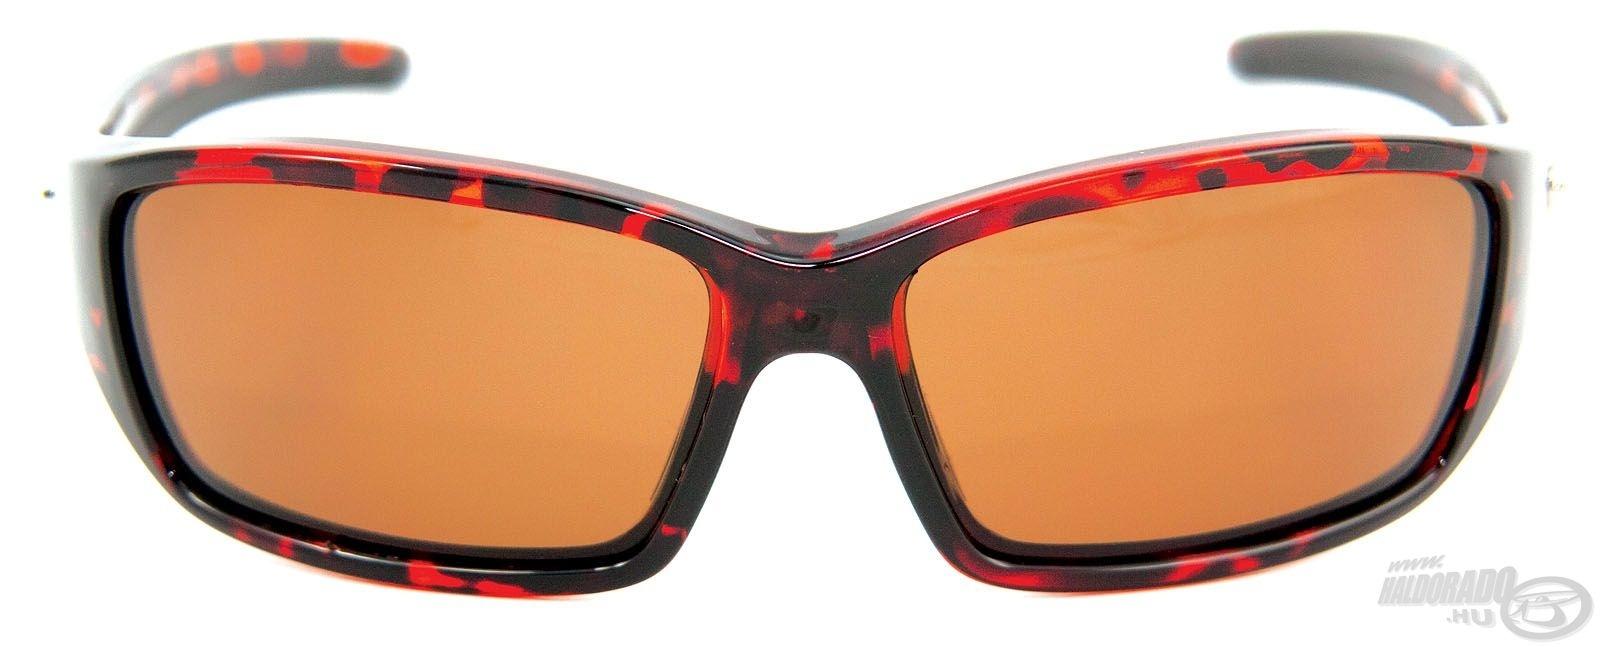 MUSTAD HP107A-3 napszemüveg amber lencsével - Haldorádó horgász áruház 846175e21f